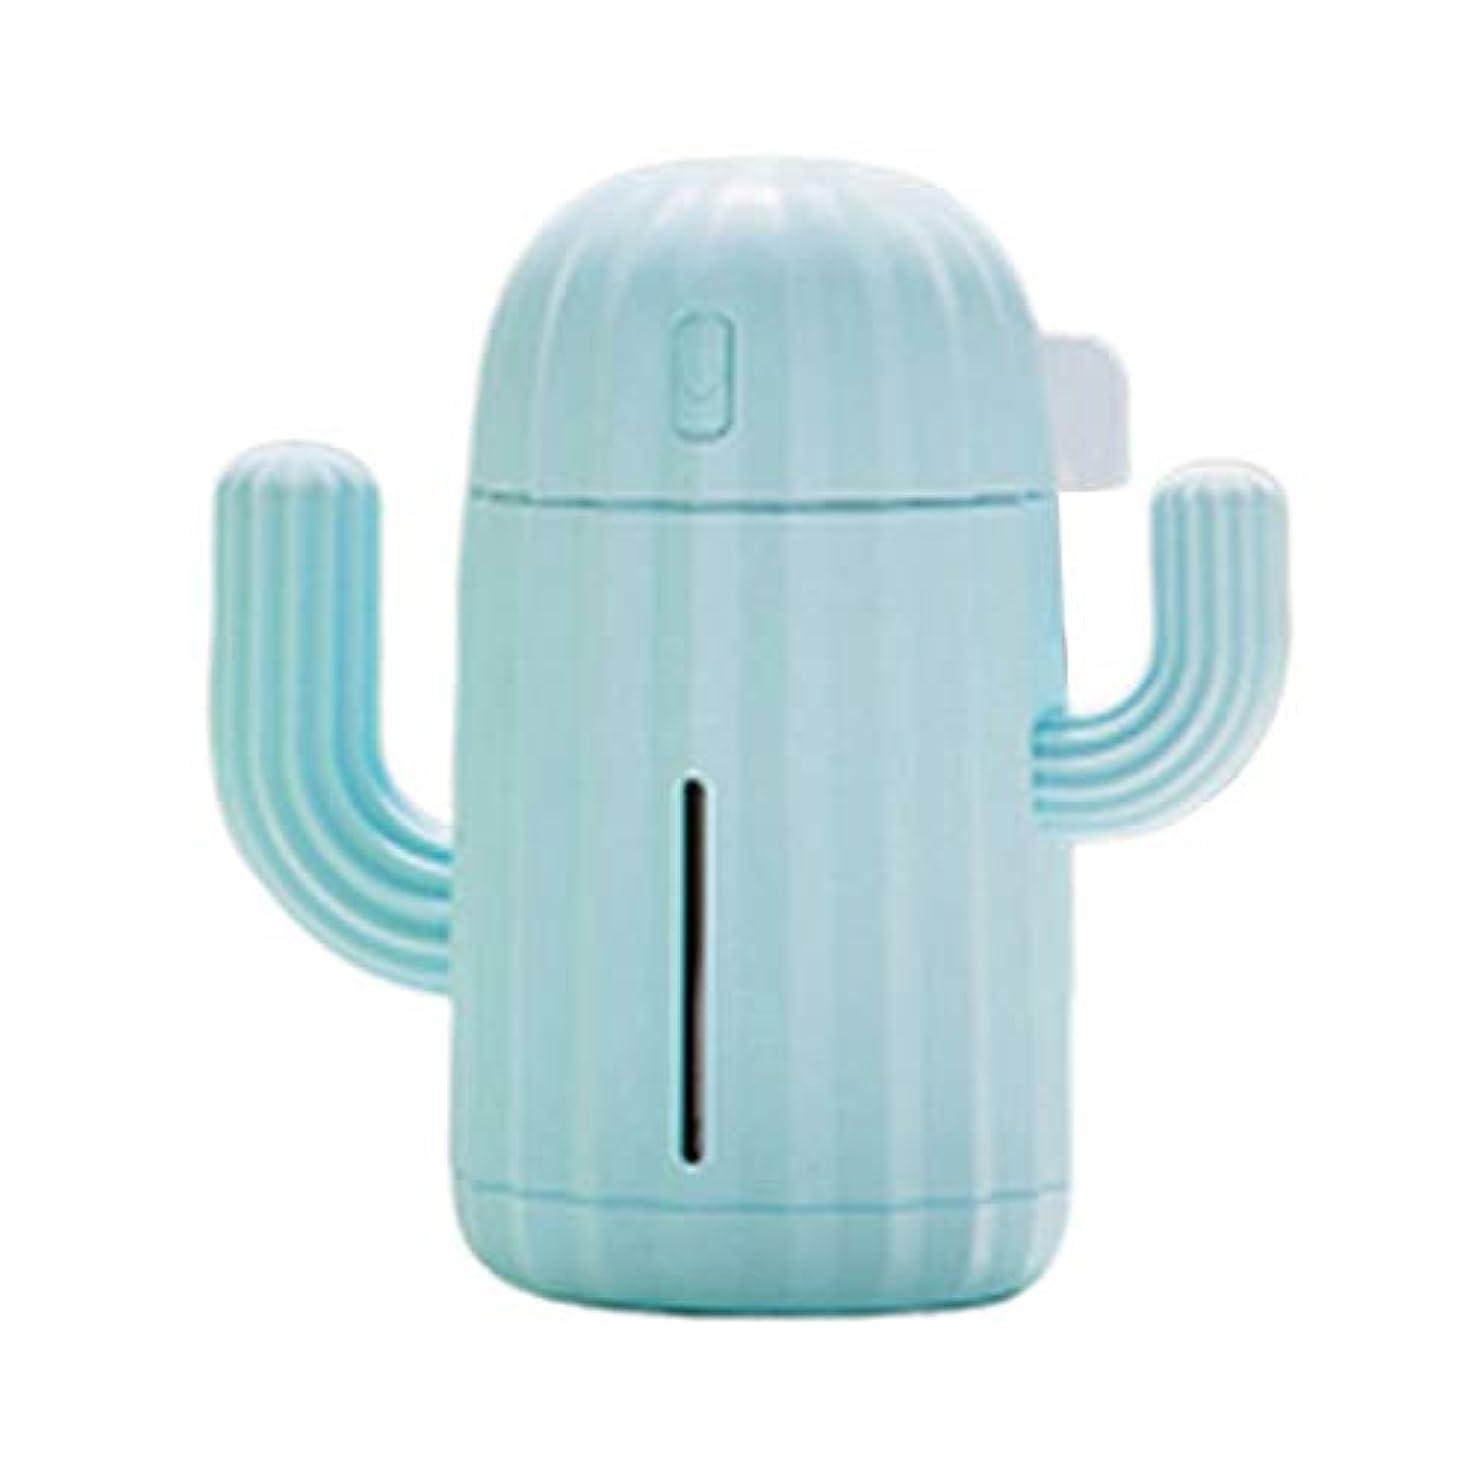 容赦ない歯痛抵当340Ml Usb Air Humidifier Cactus Timing Aromatherapy Diffuser Mist Mini Aroma Atomizer for Home Essential Oil Diffuser...